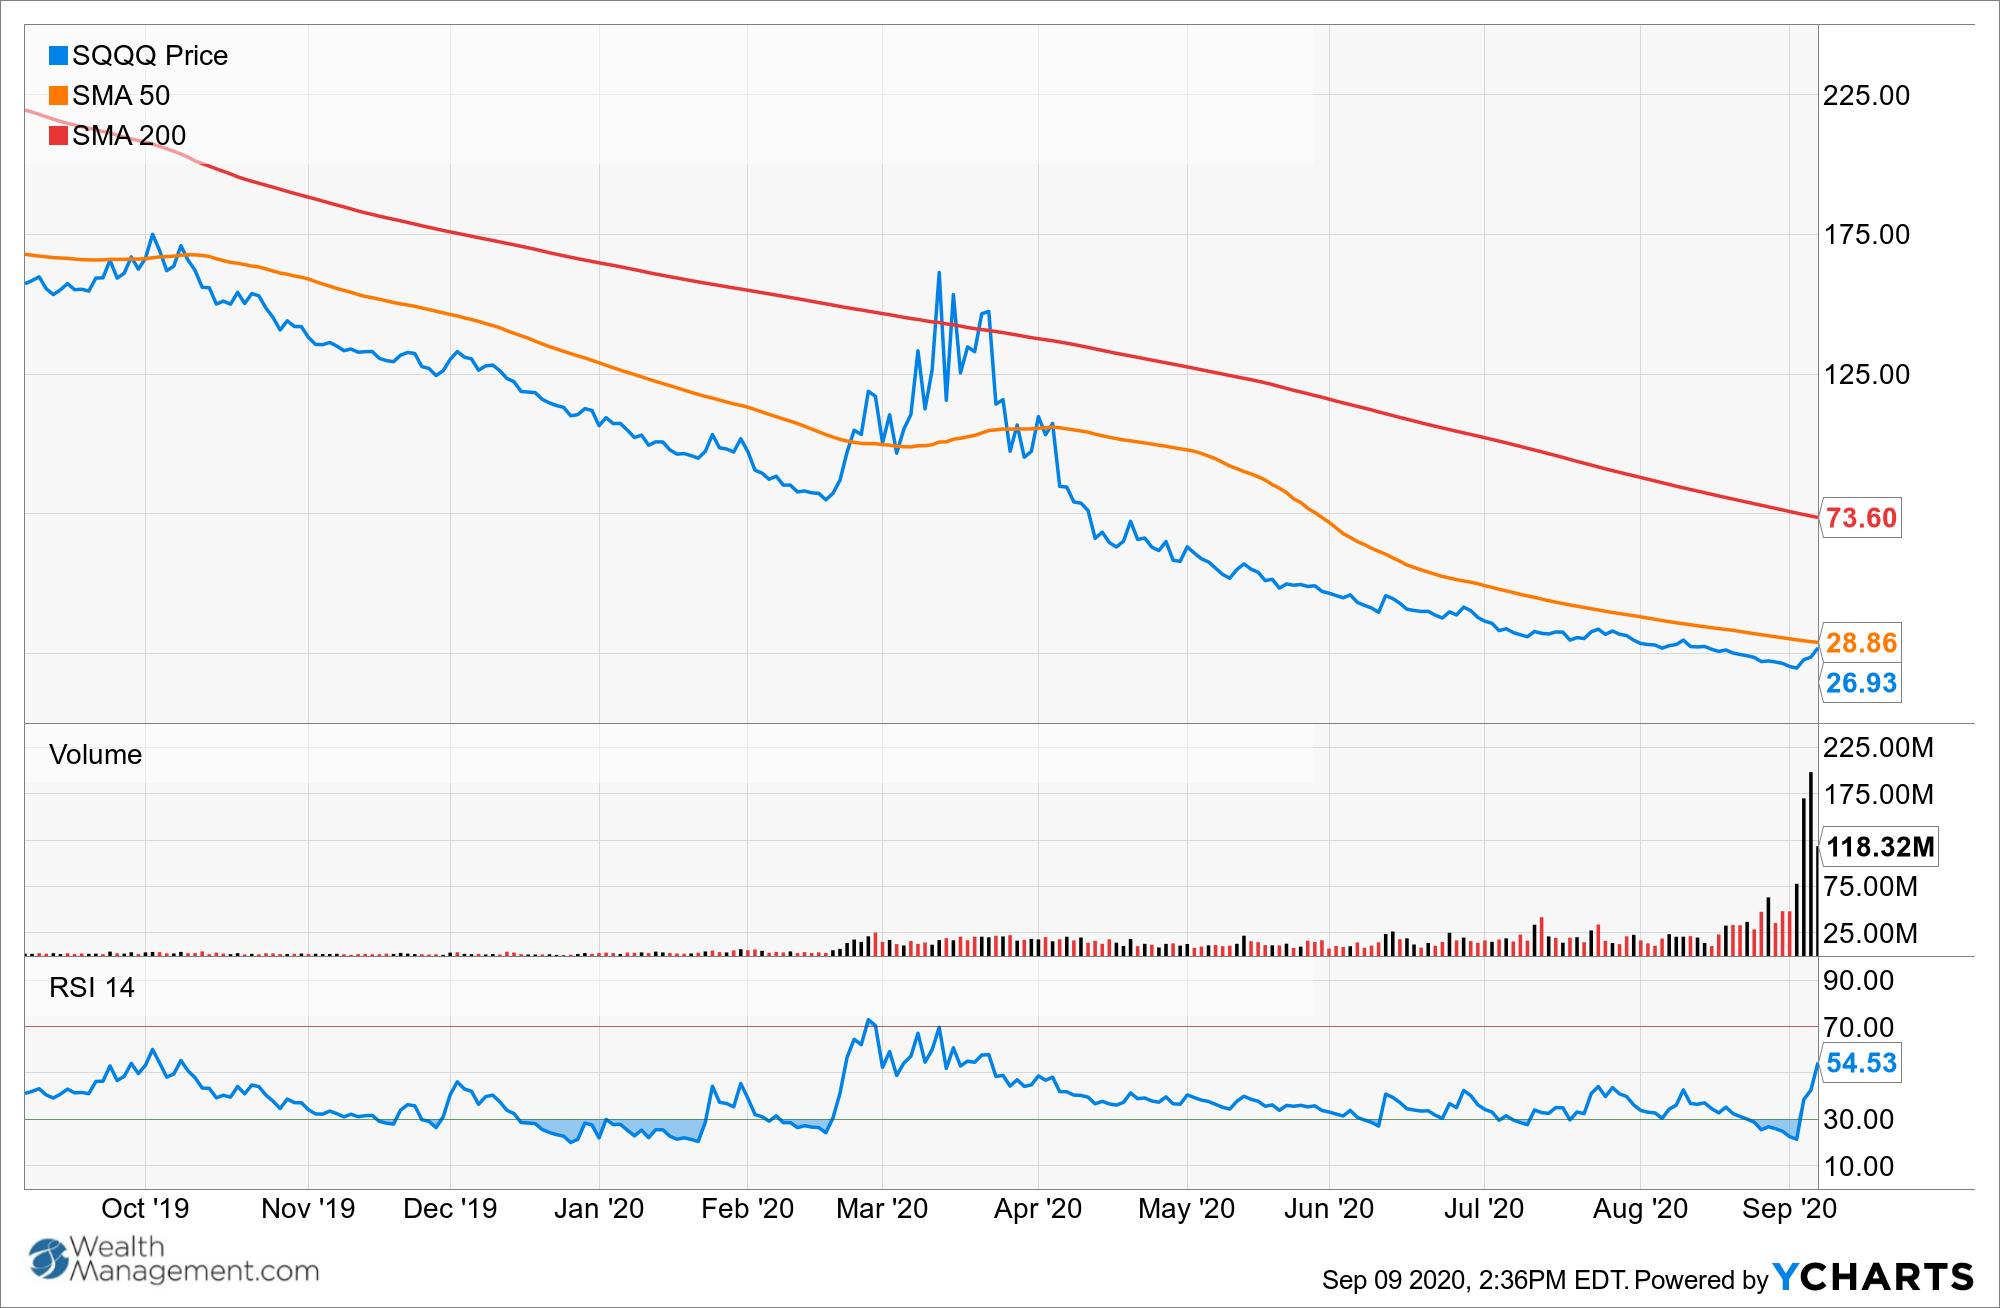 SQQQ Chart